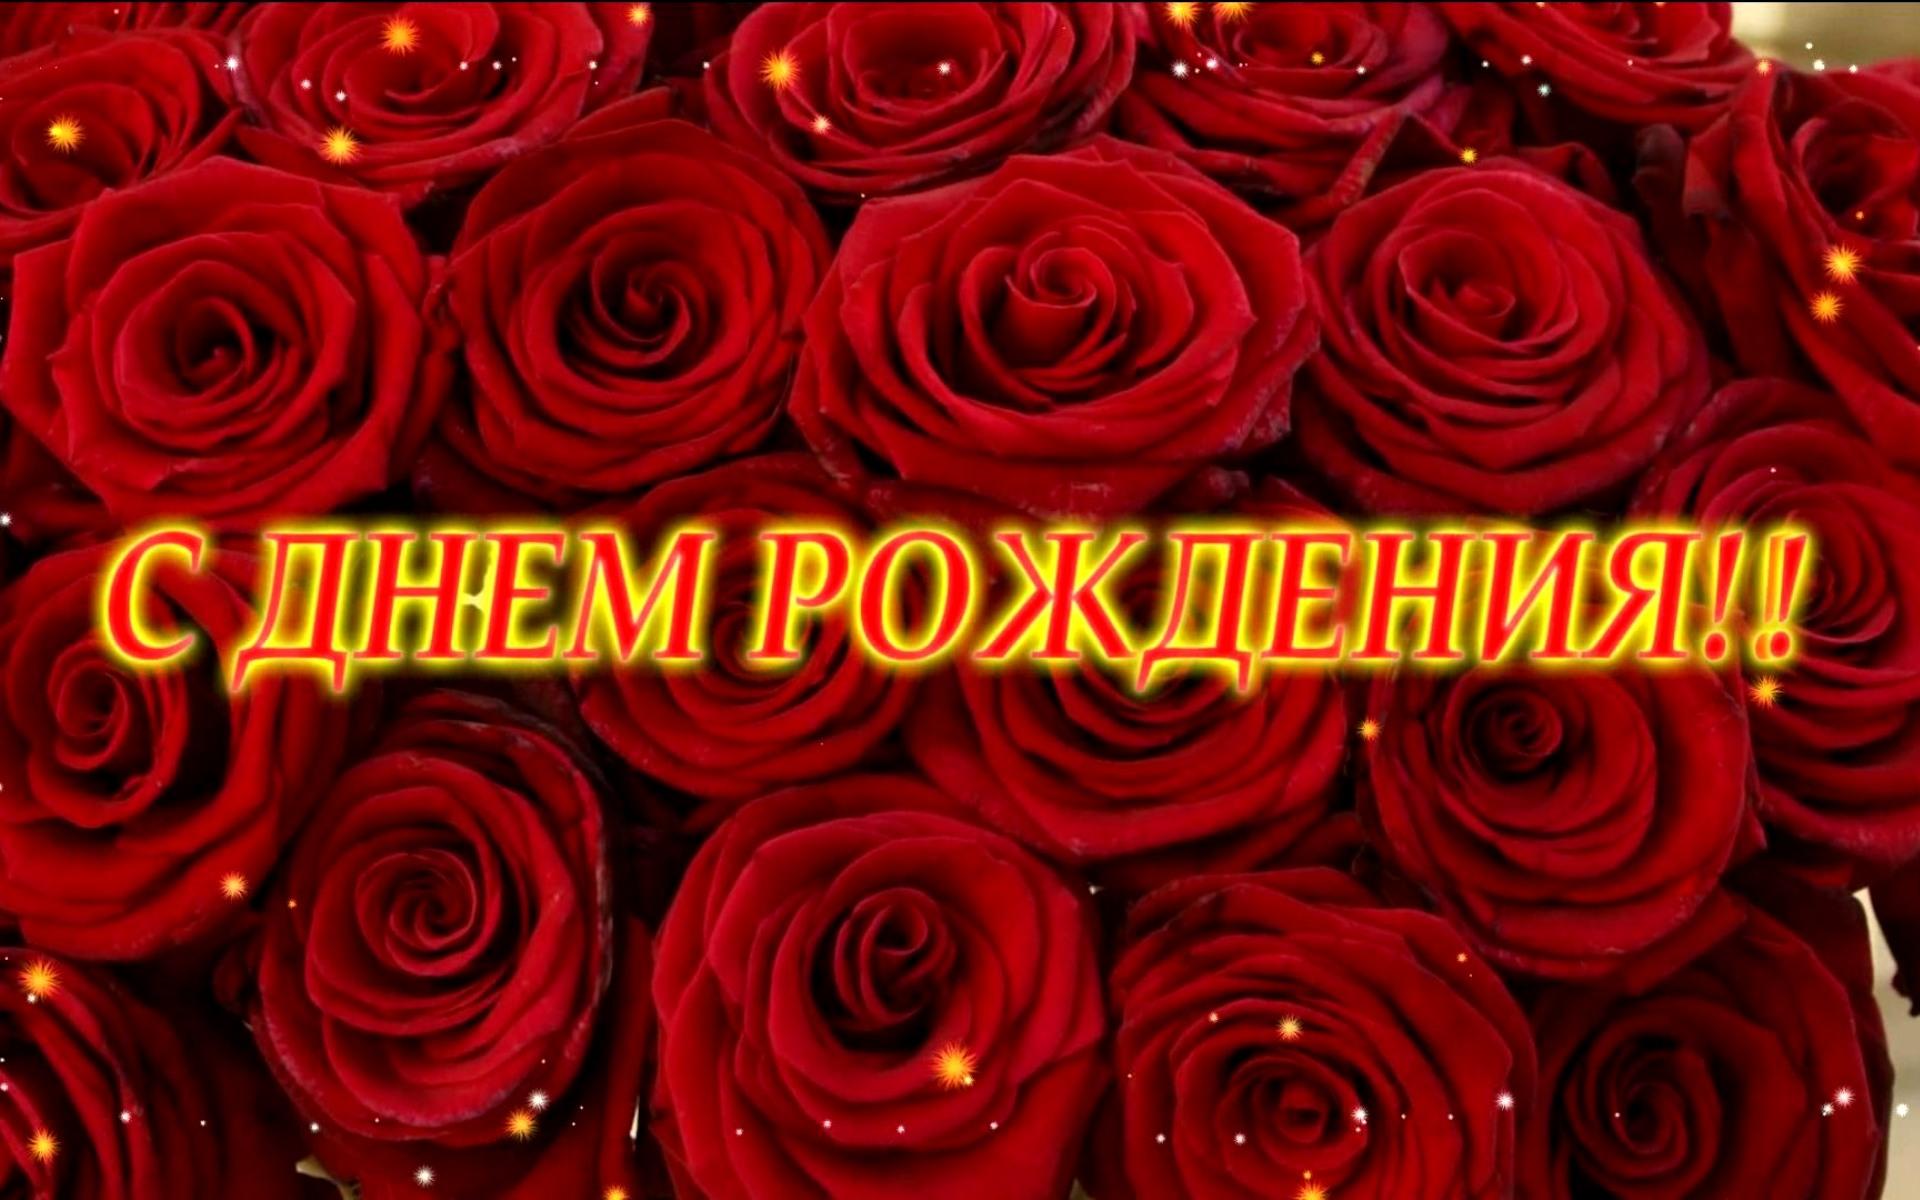 Игорь Слуцкий Песни Без Регистрации